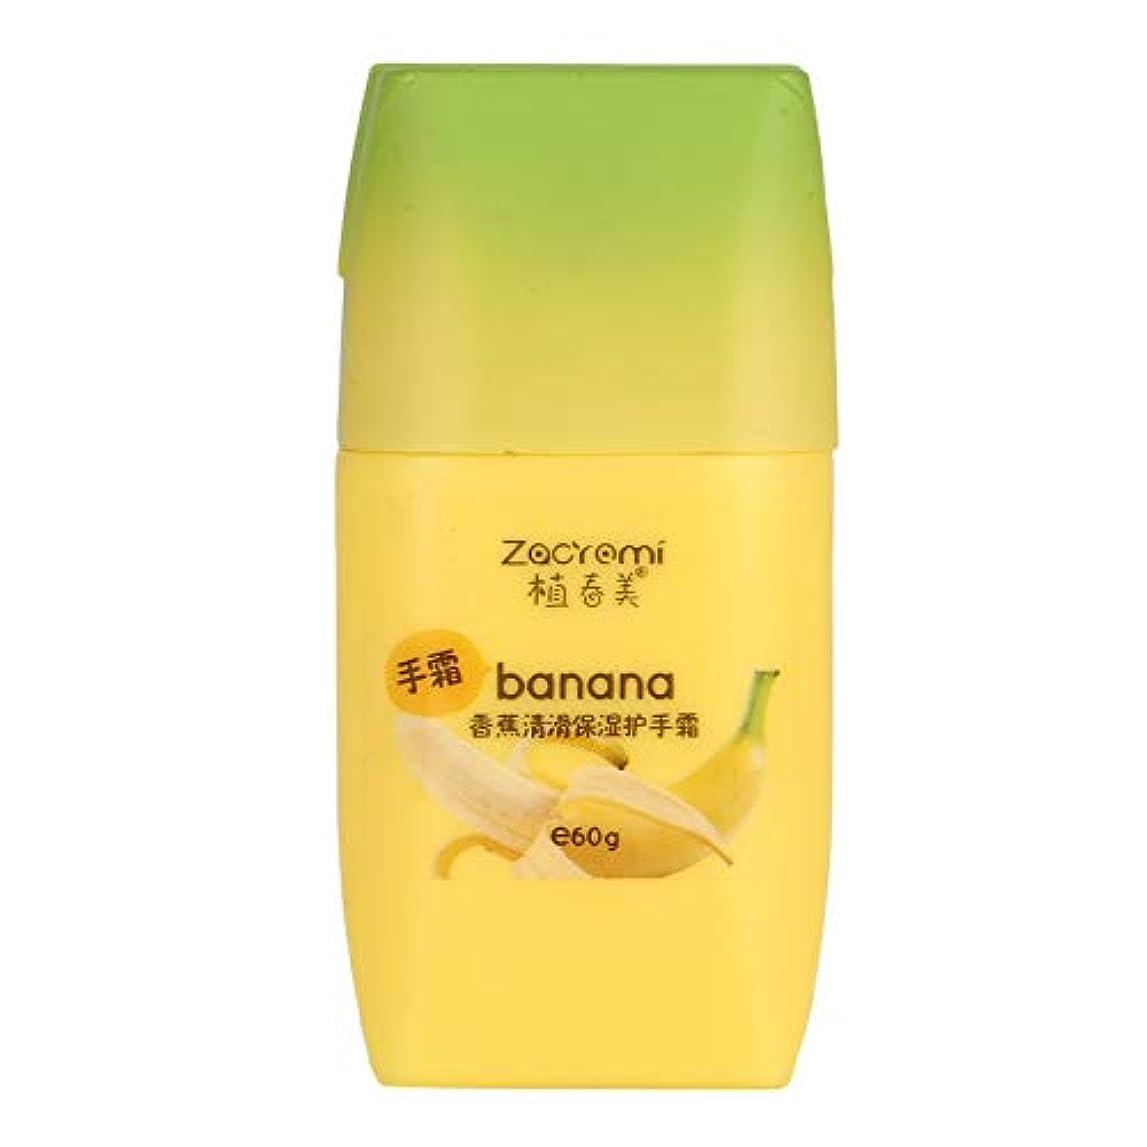 簡略化する心から中でMadeling バナナハンドクリームモイスチャライジングスムースアンチチャッピングハンドスキンケアローション60g